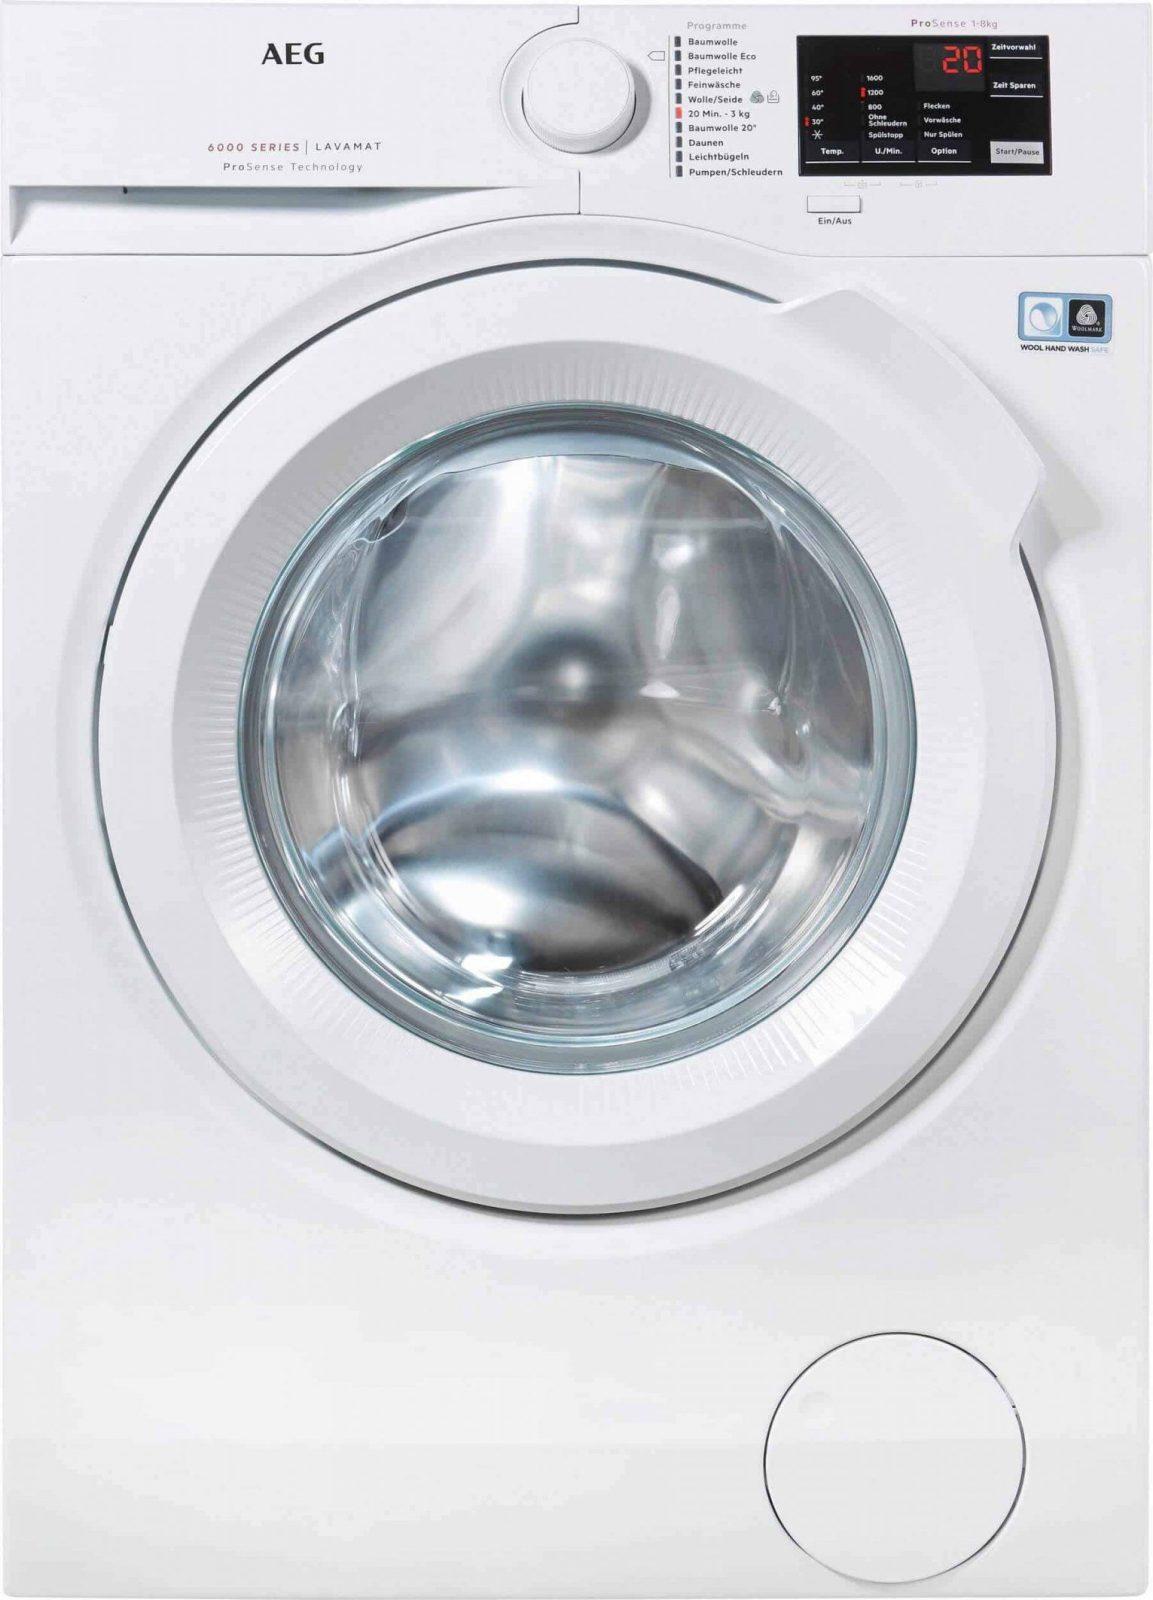 Aeg L6Fb54680 Waschmaschine Im Test 2018 von Beko Wmb 71443 Pte Stiftung Warentest Bild